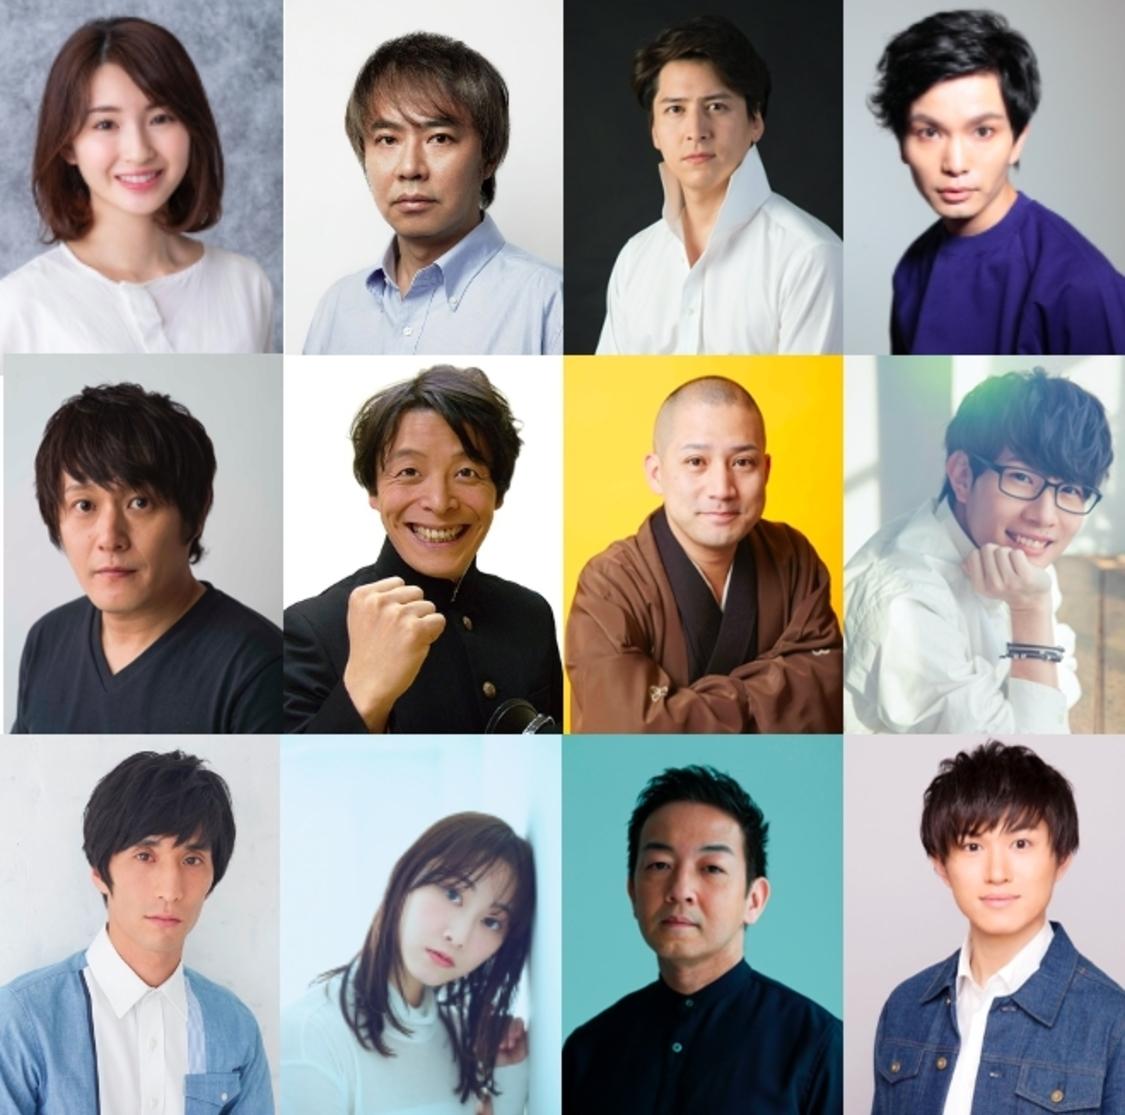 井上小百合、松井玲奈ら出演<DISTANCE-TOUR->、全キャスト&タイムテーブル発表!